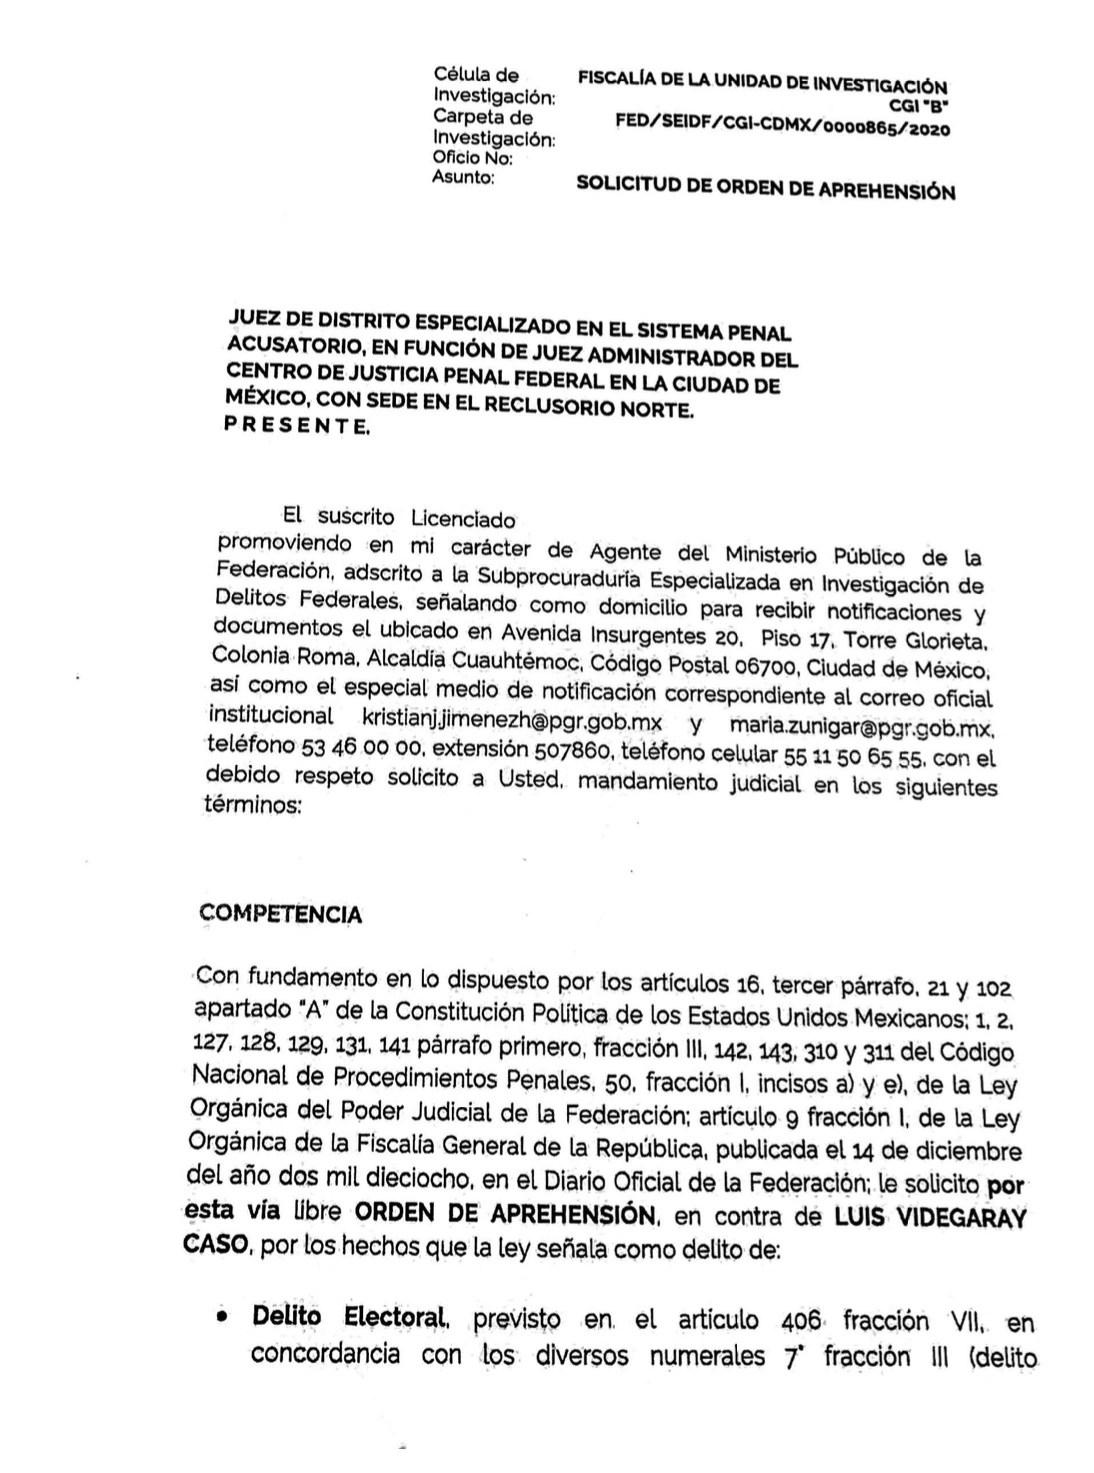 FGR cabildeó la orden de aprehensión contra Videgaray